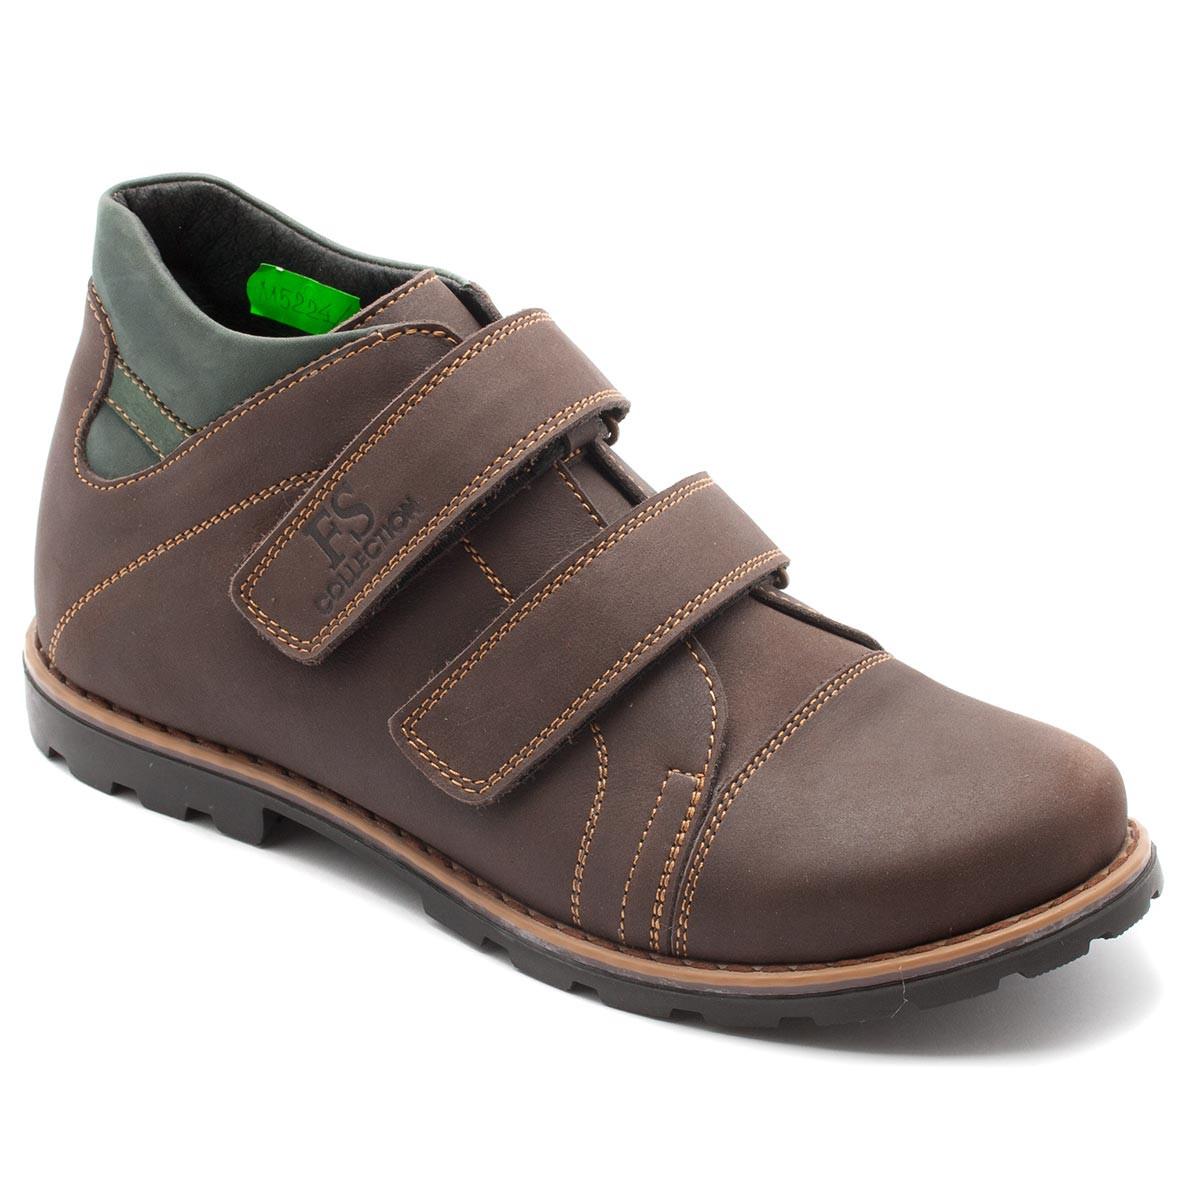 Подростковые полуботинки FS Сollection для мальчика, коричневые, размер 31-39